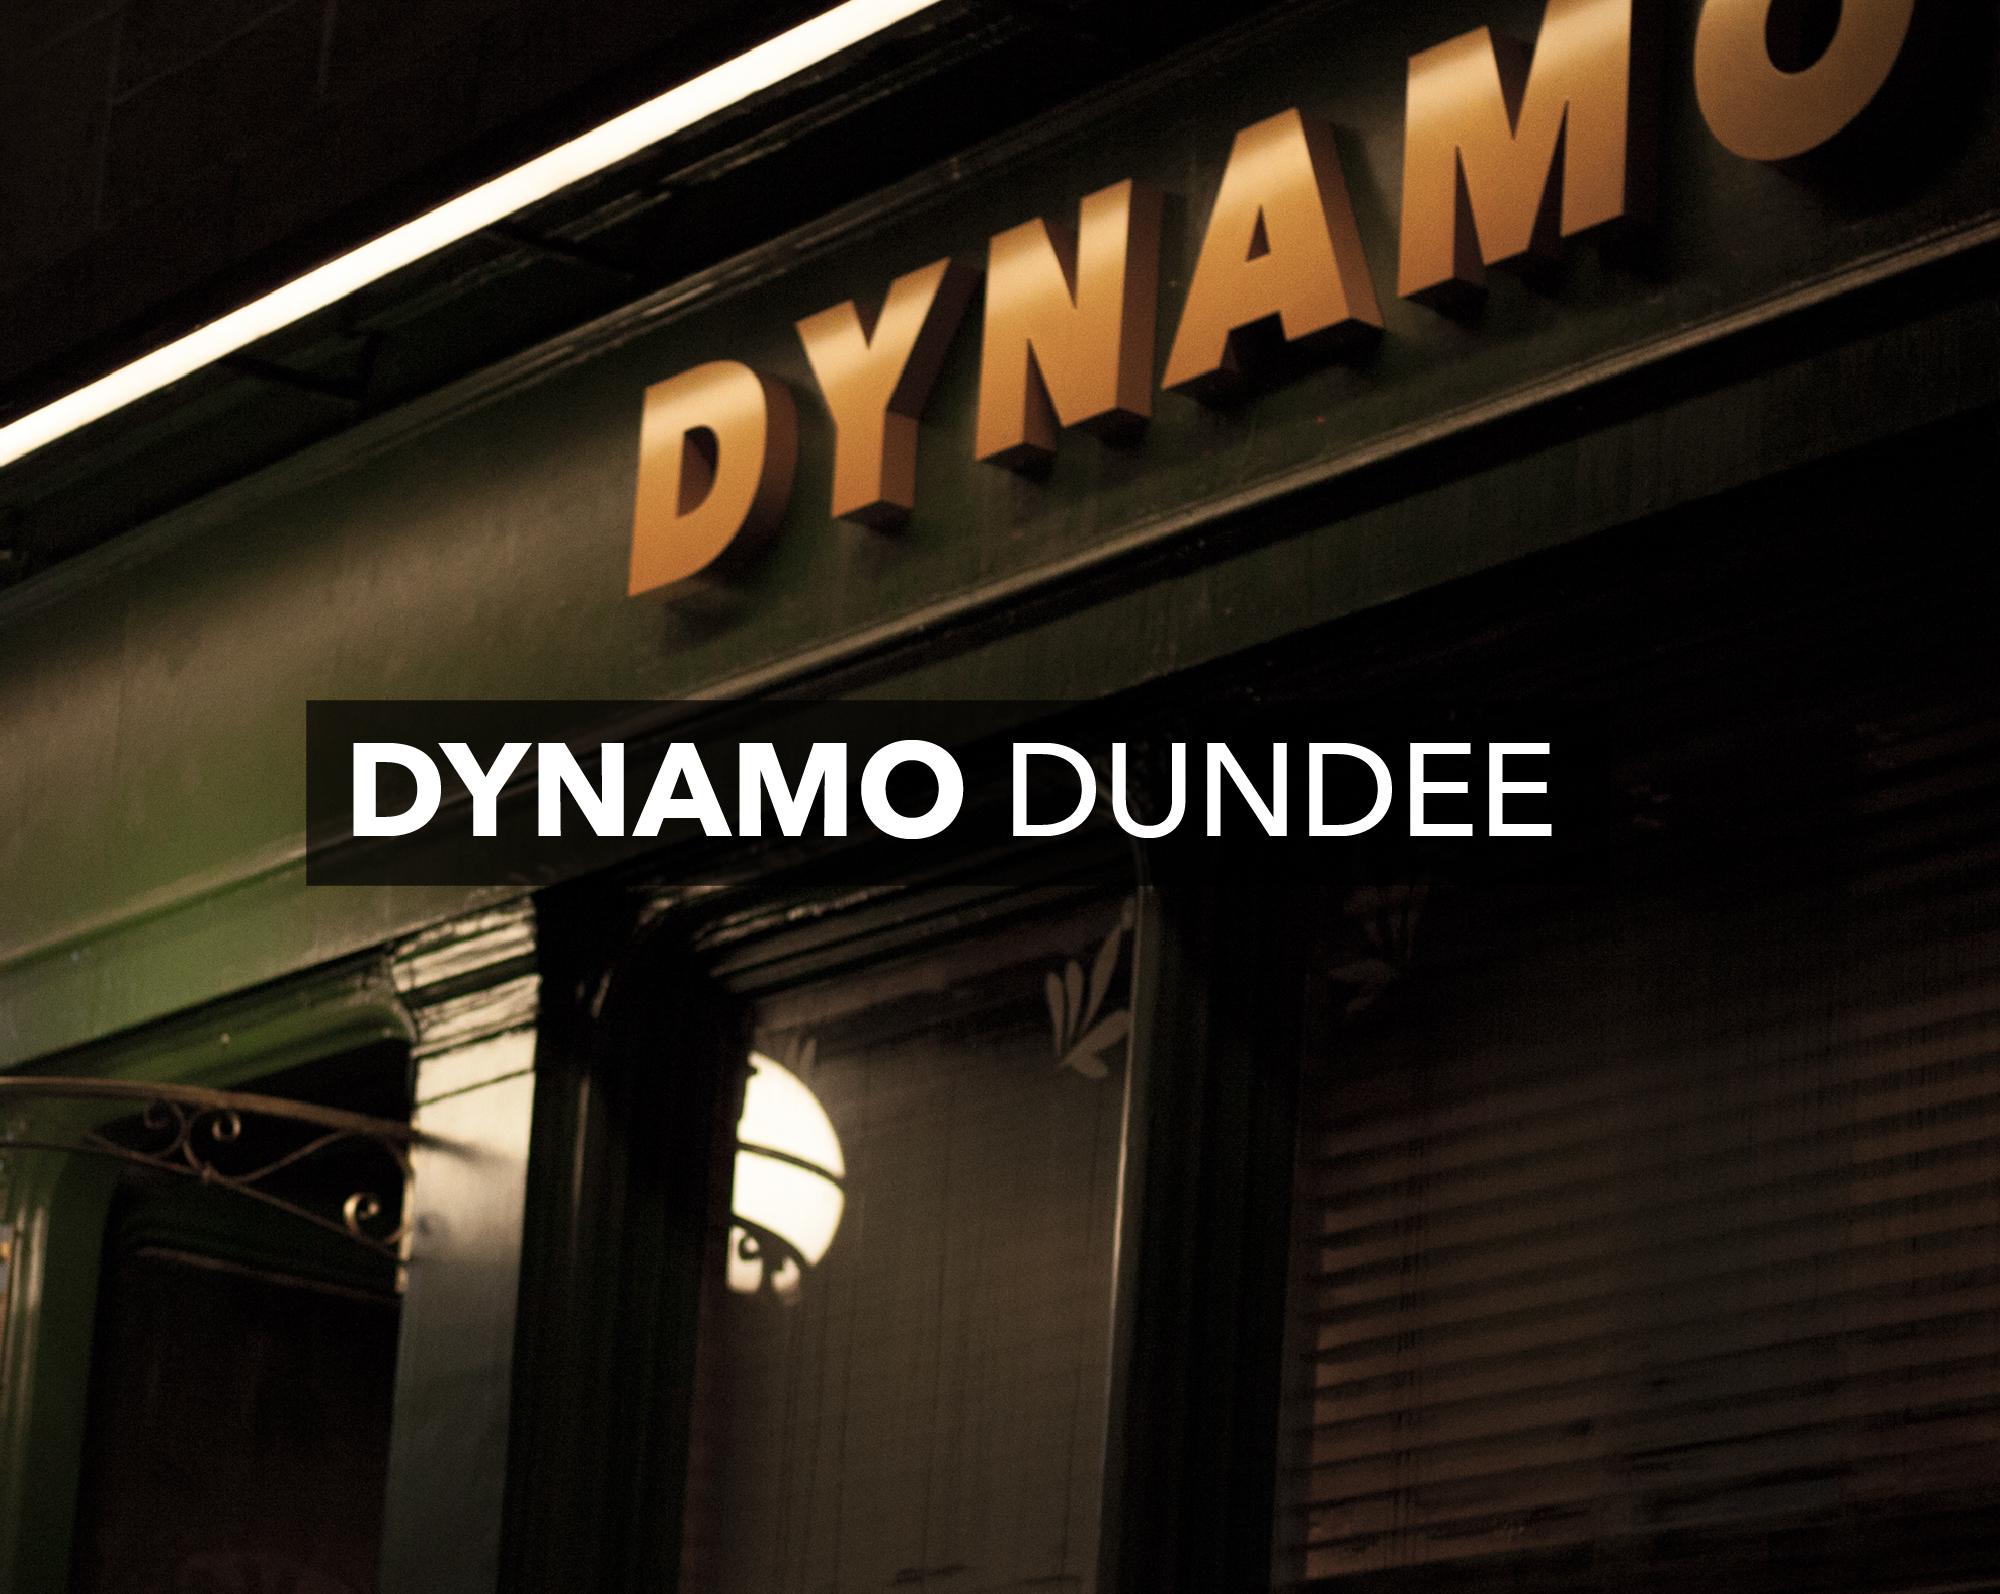 DUNDEE-01.jpg